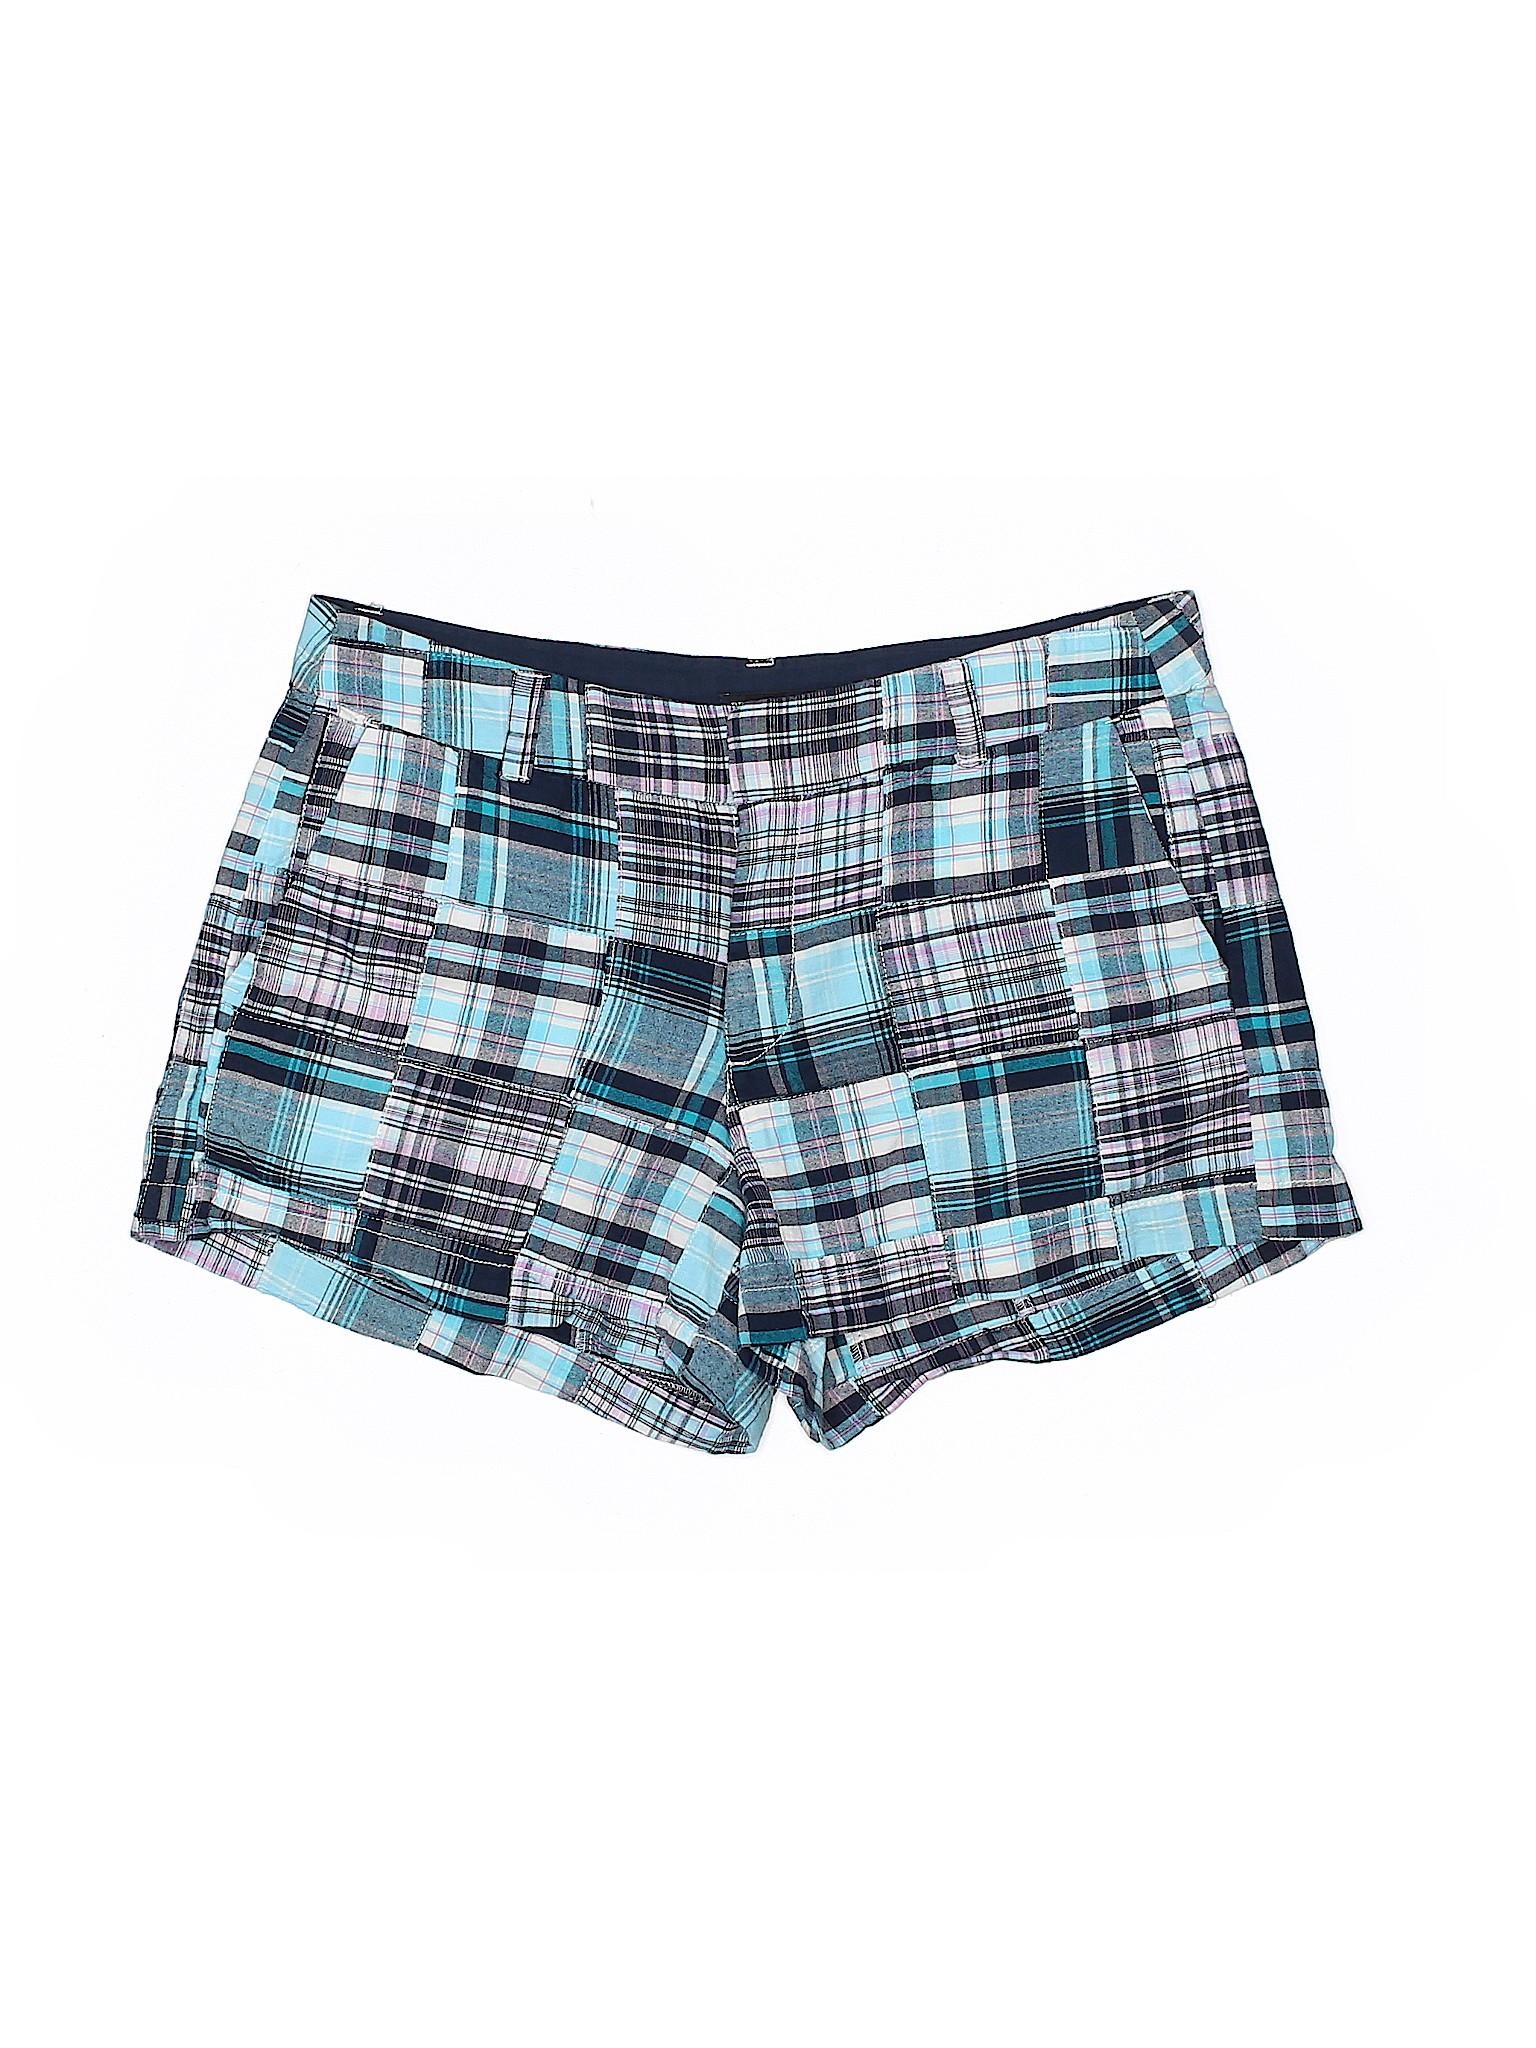 Khaki Khaki Khaki Boutique Boutique British British Shorts dXqPd